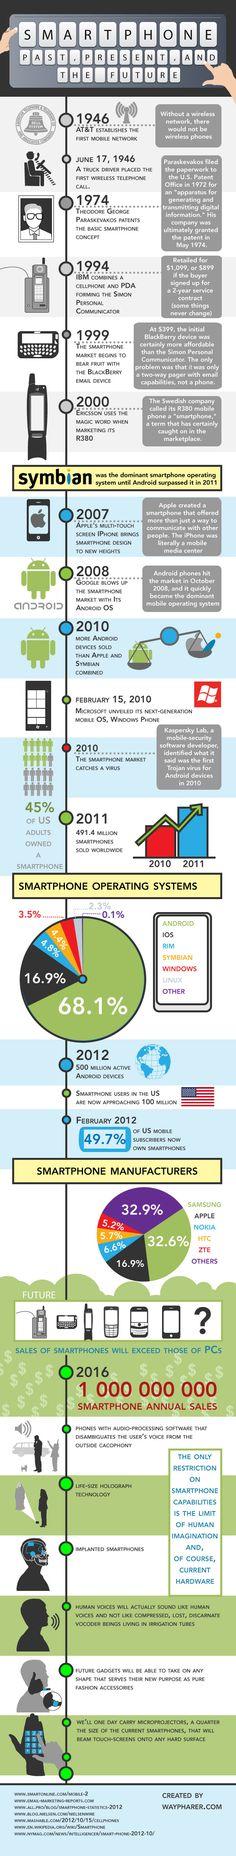 Pasado, presente y futuro de los Smartphones  Vías TICsyformacion  #smartphone